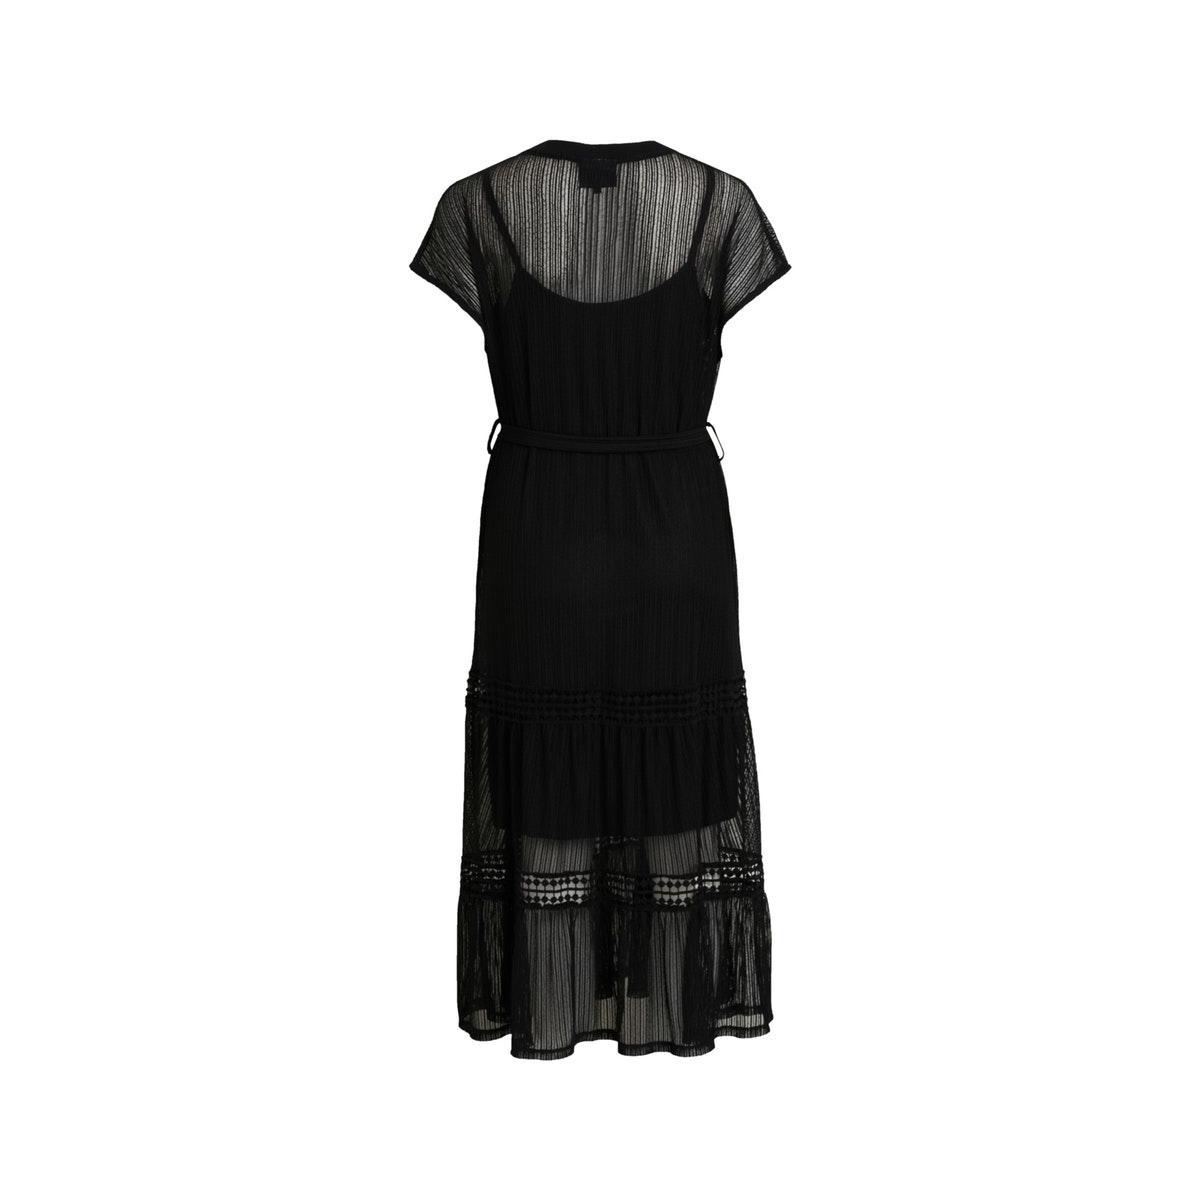 objtutsie s/s dress rep 23028926 object jurk black